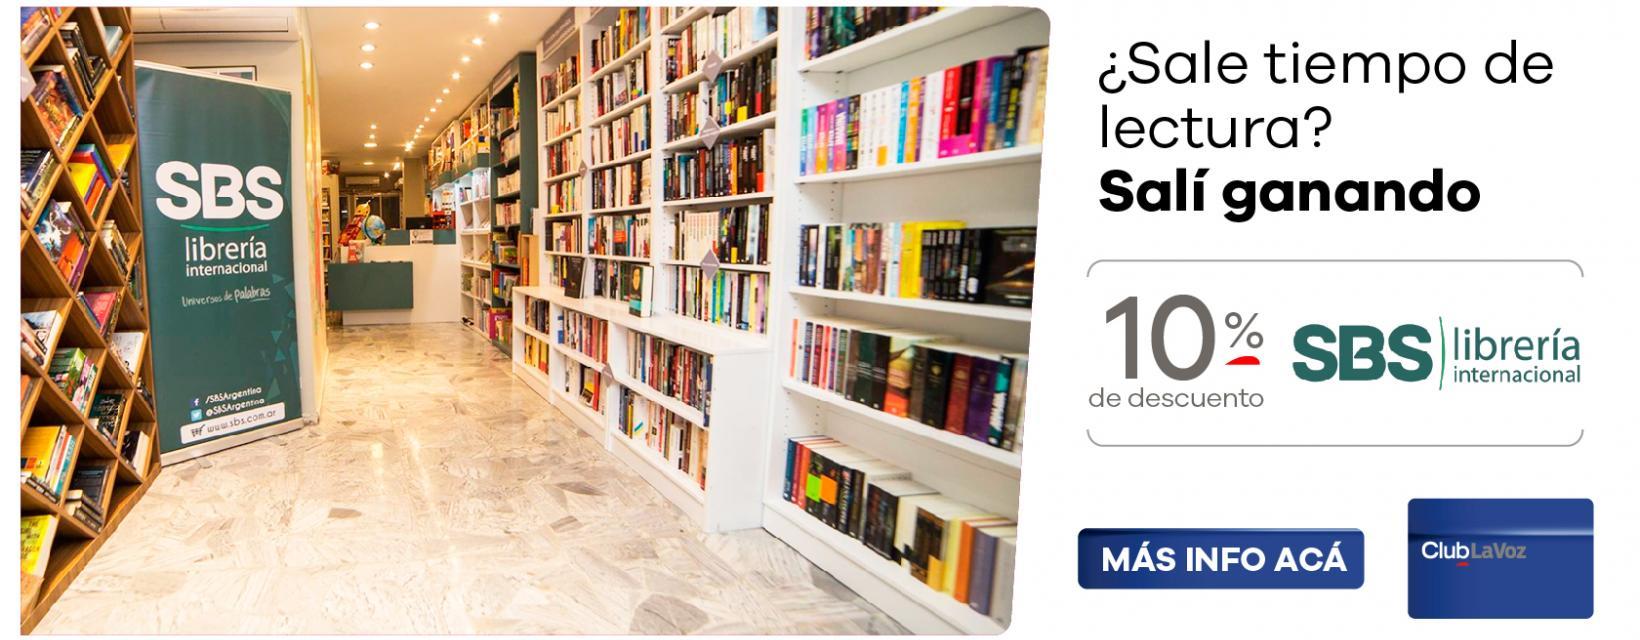 SBS Libreria BANNER